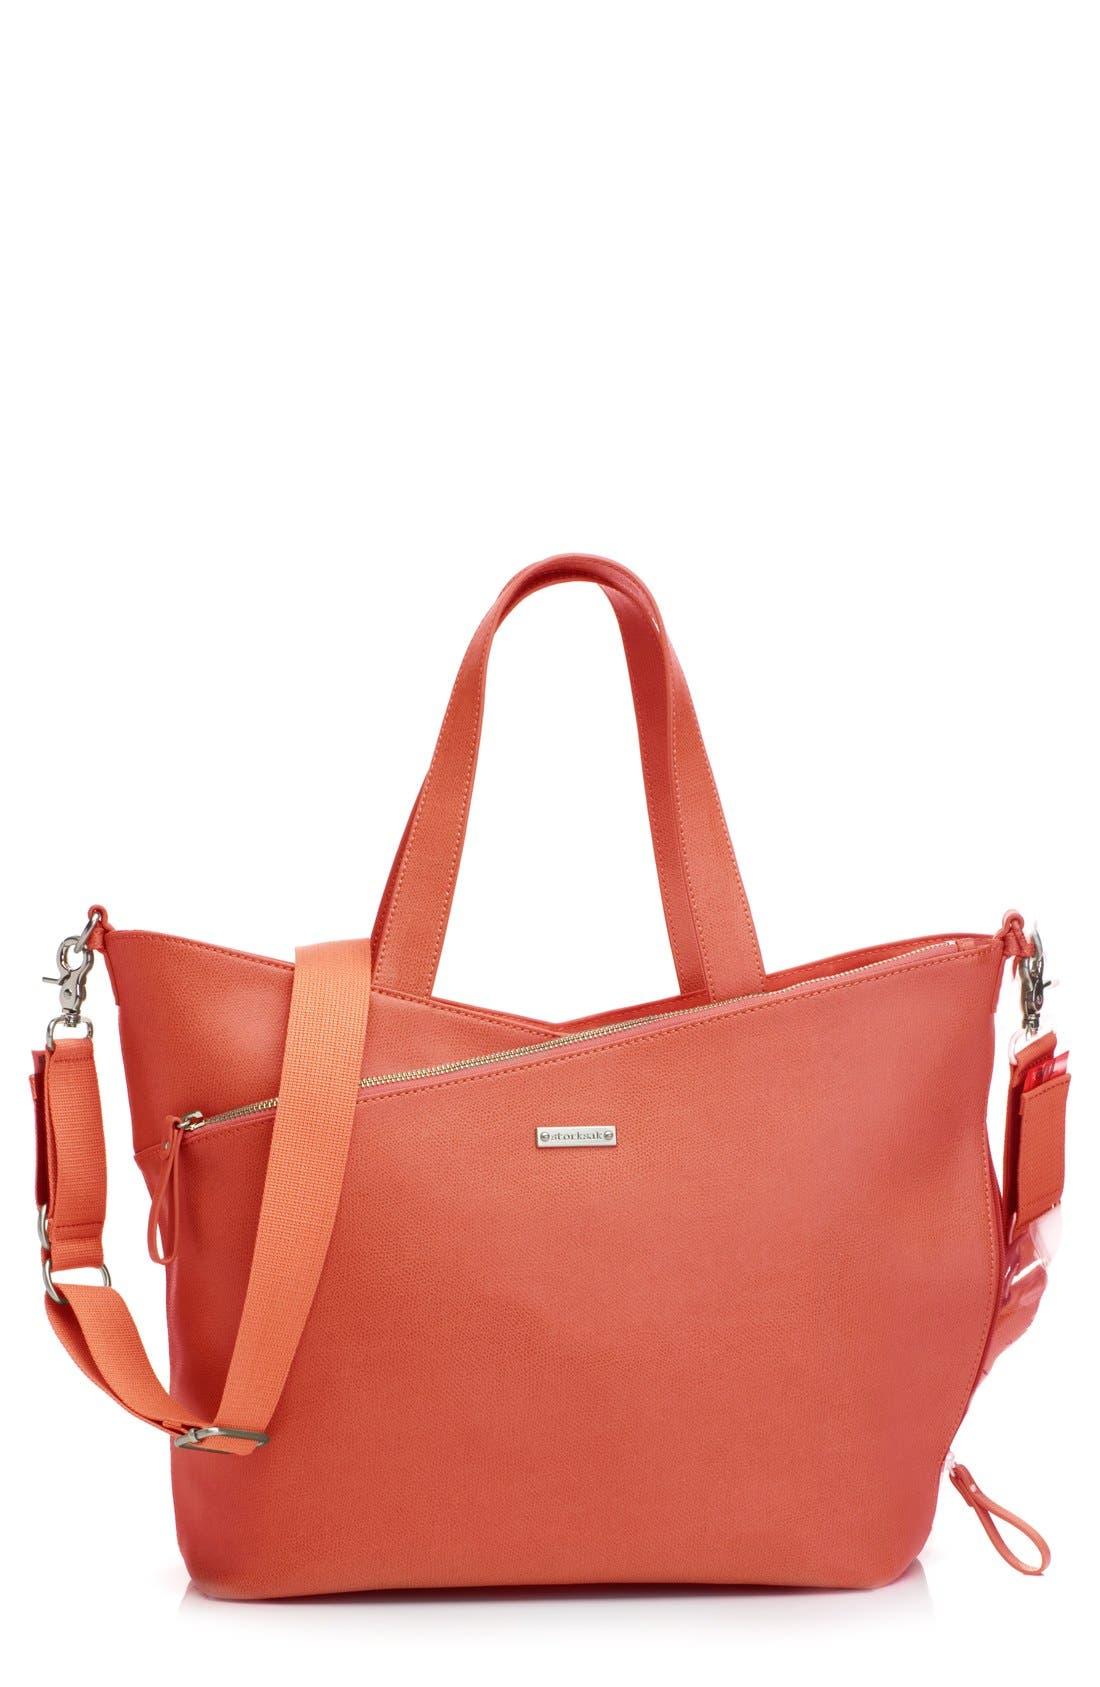 'Lucinda' Diaper Bag Leather Tote,                             Main thumbnail 3, color,